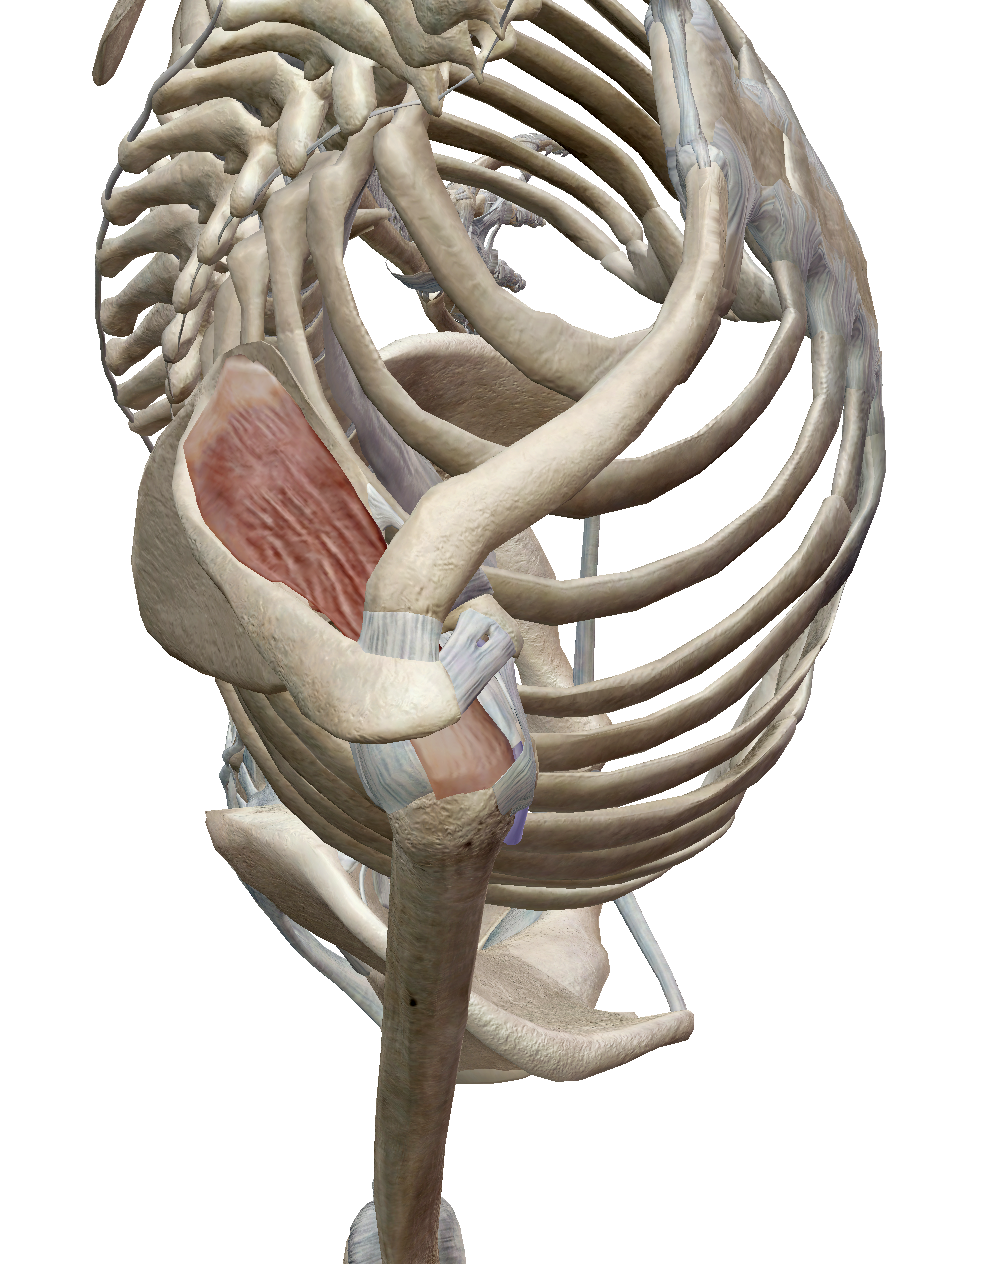 棘上筋の機能解剖